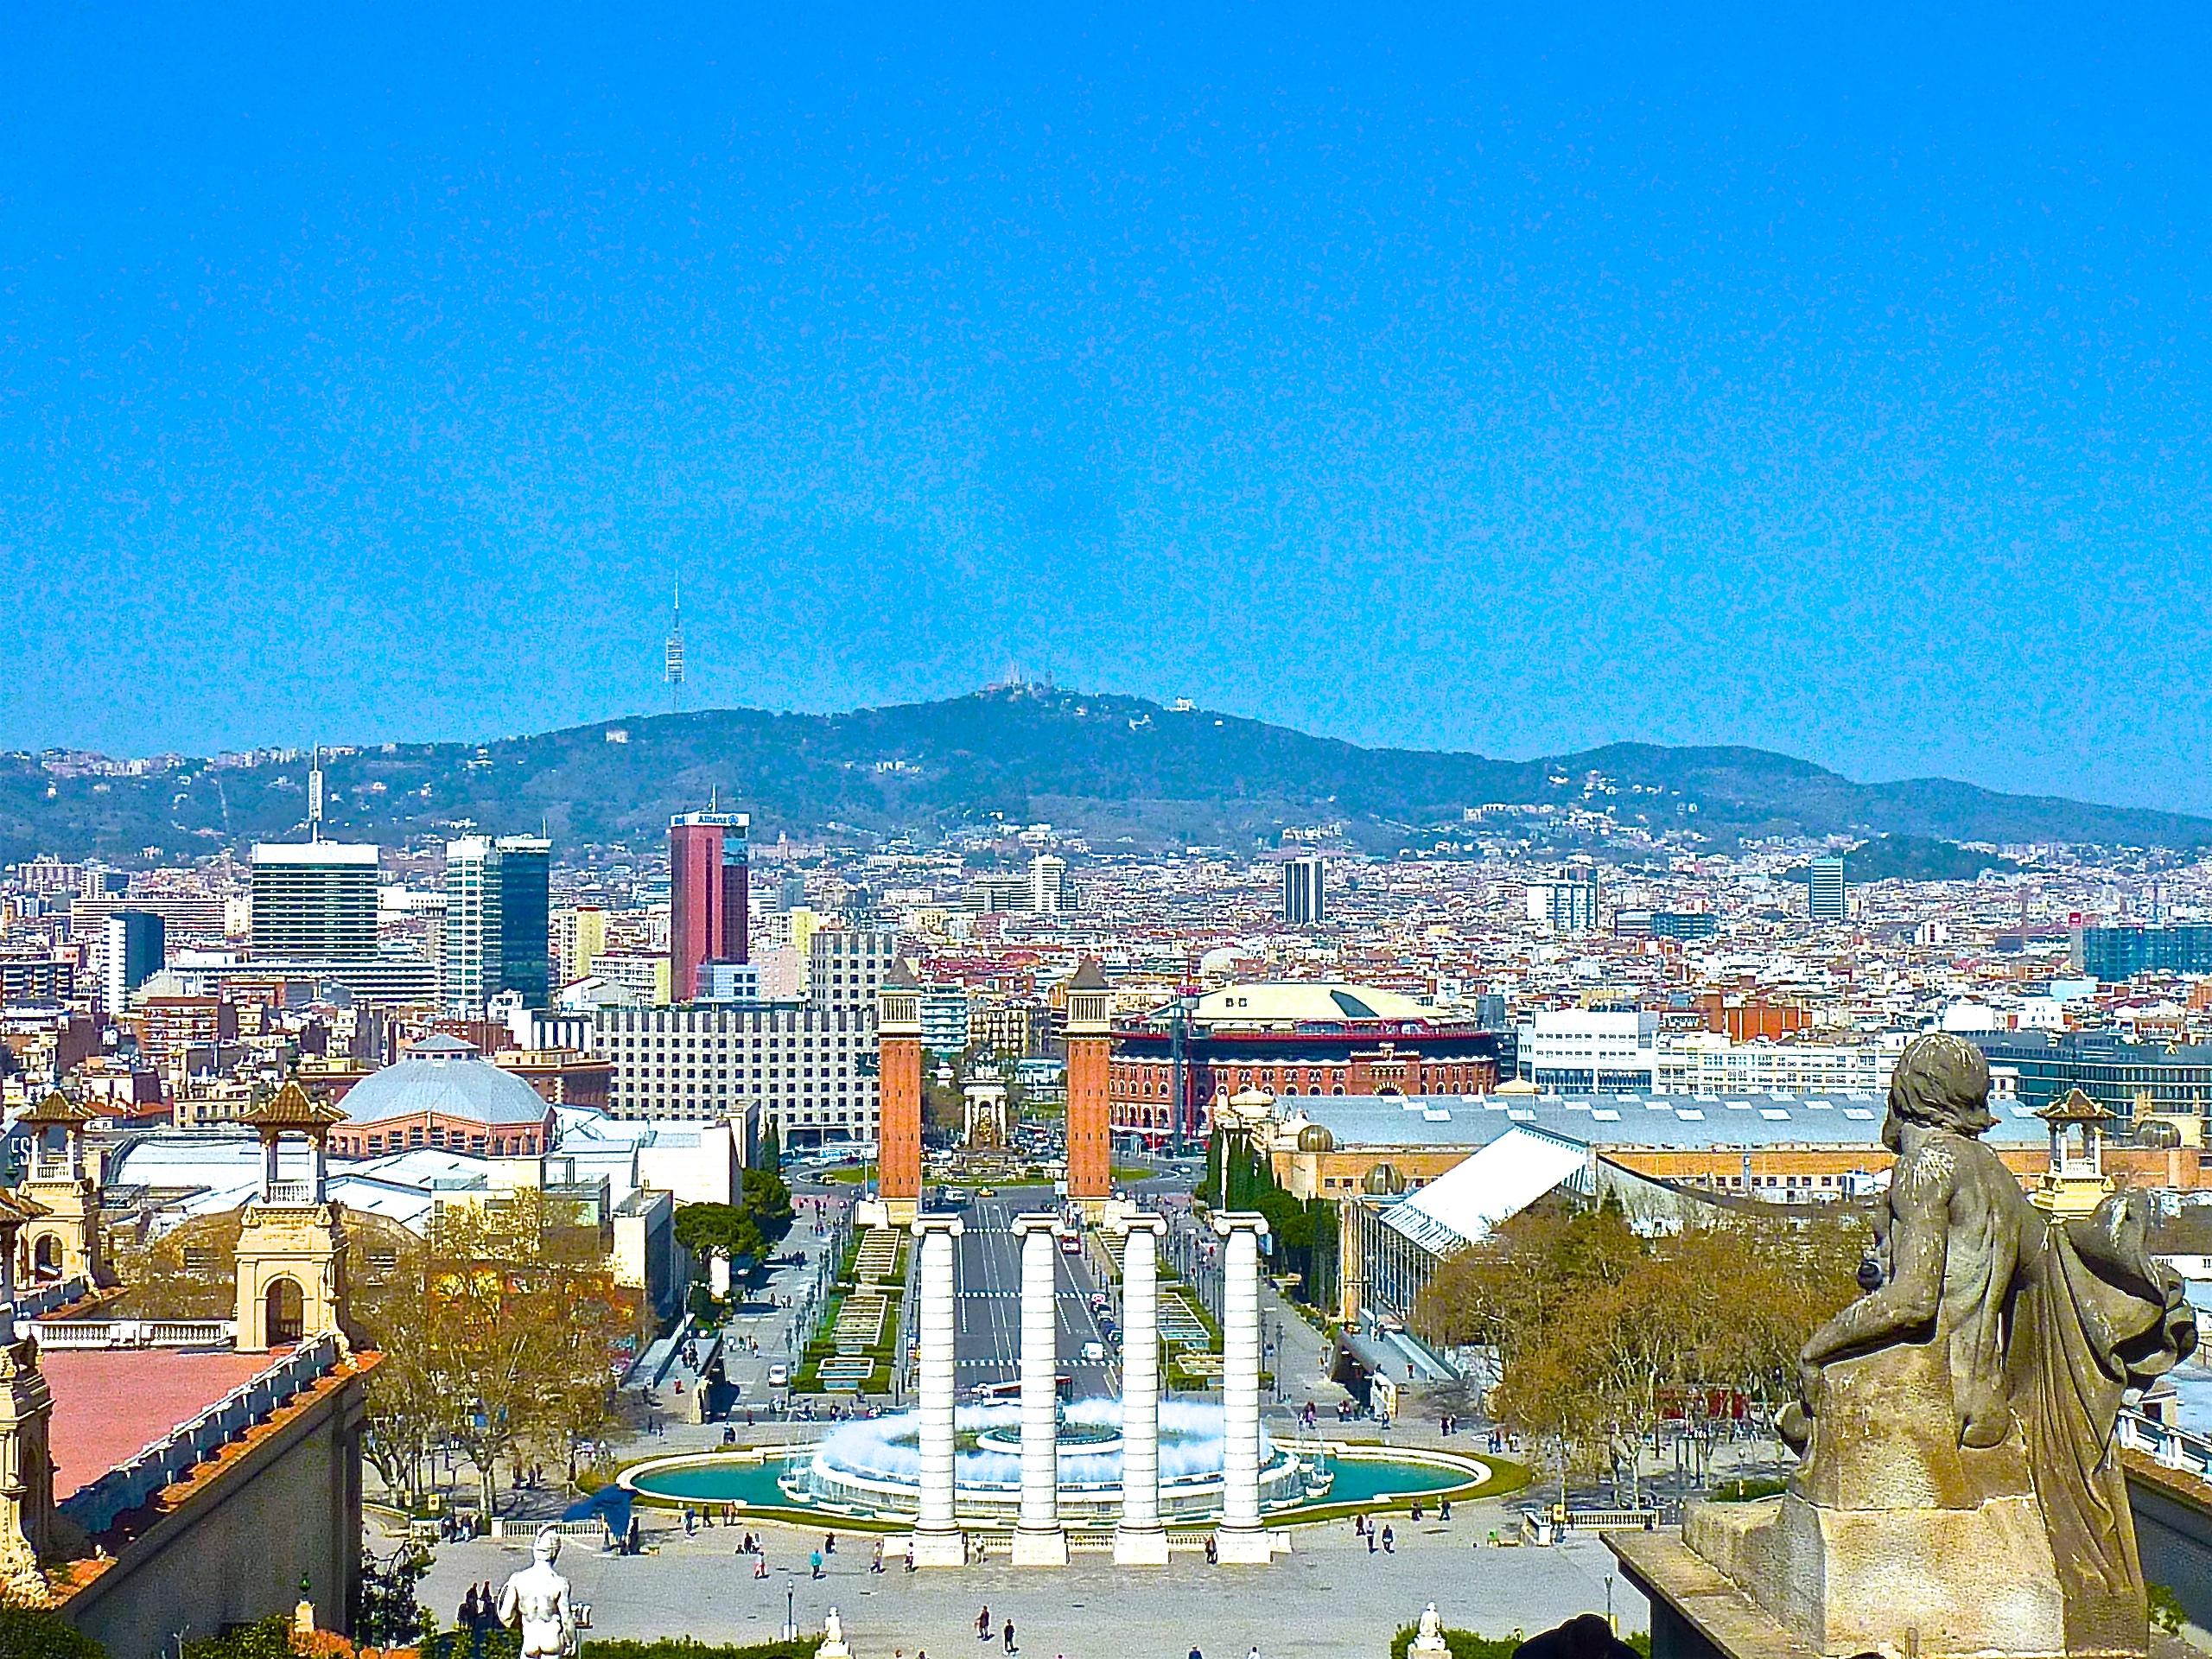 Barcelona ciudad cateta: aire acondicionado a toda máquina después del coronavirus